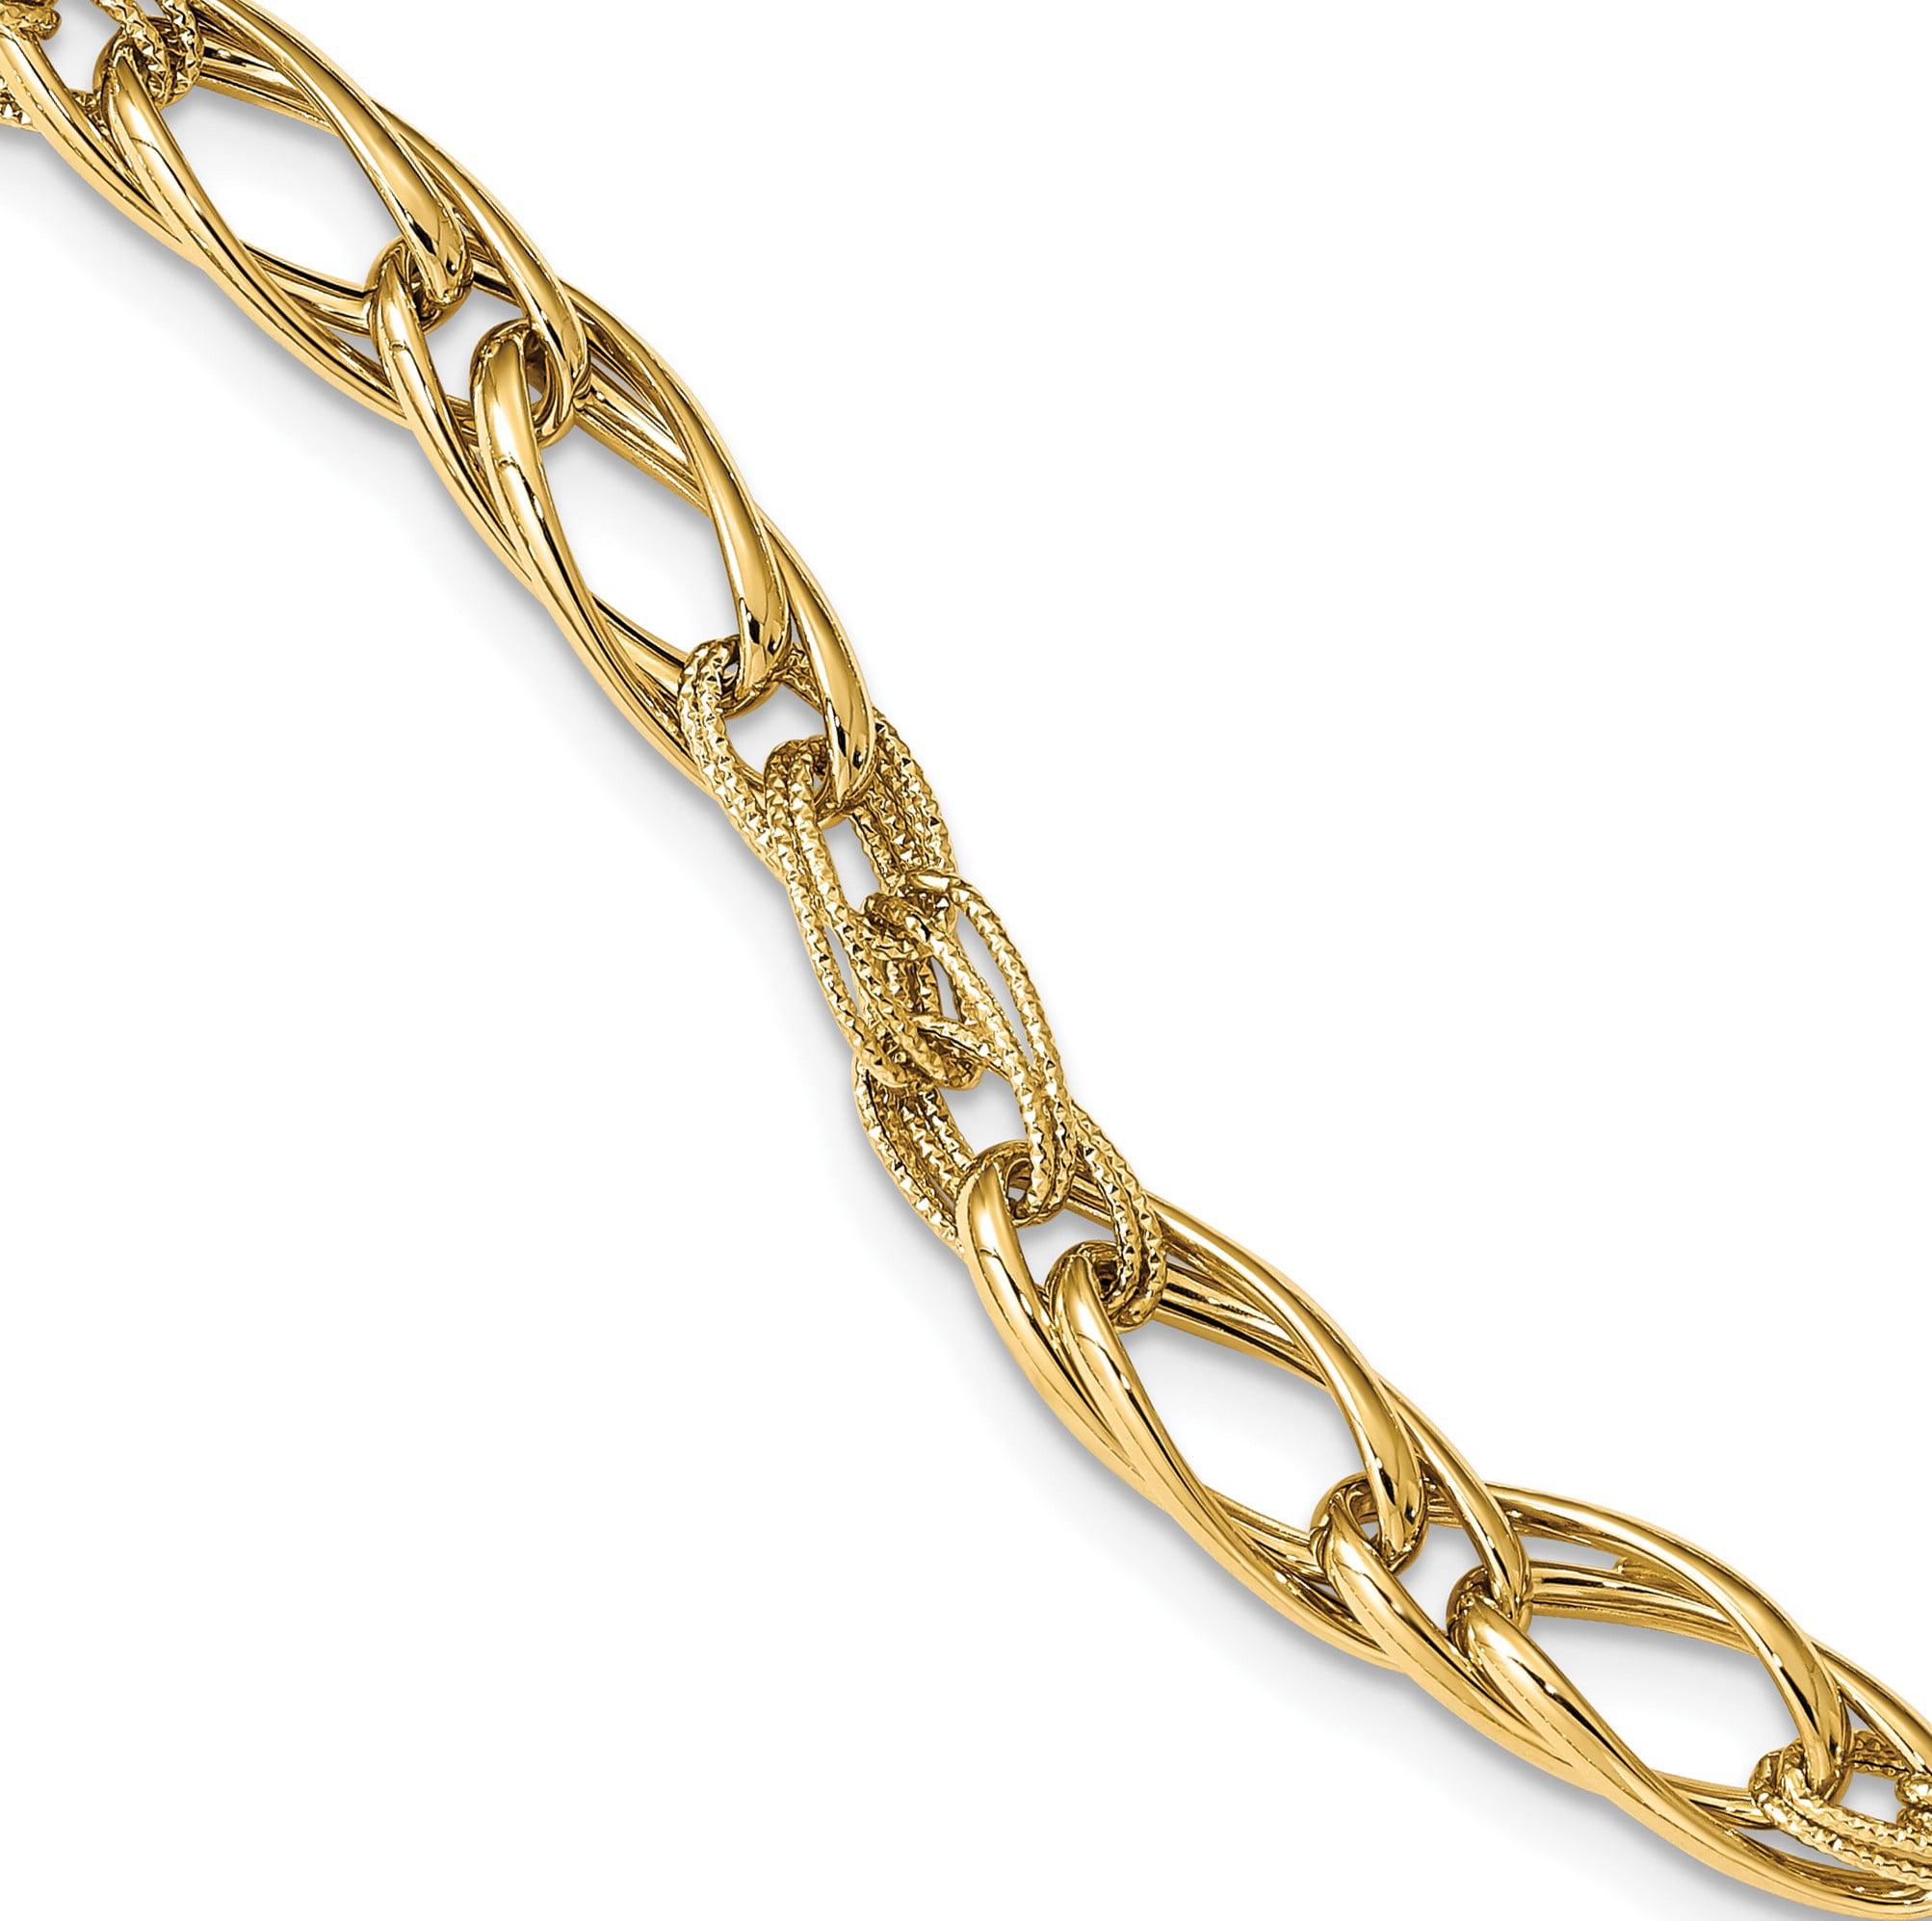 Leslie's 14K Polished & Textured w/.75 in ext Fancy Link Bracelet - image 3 of 3